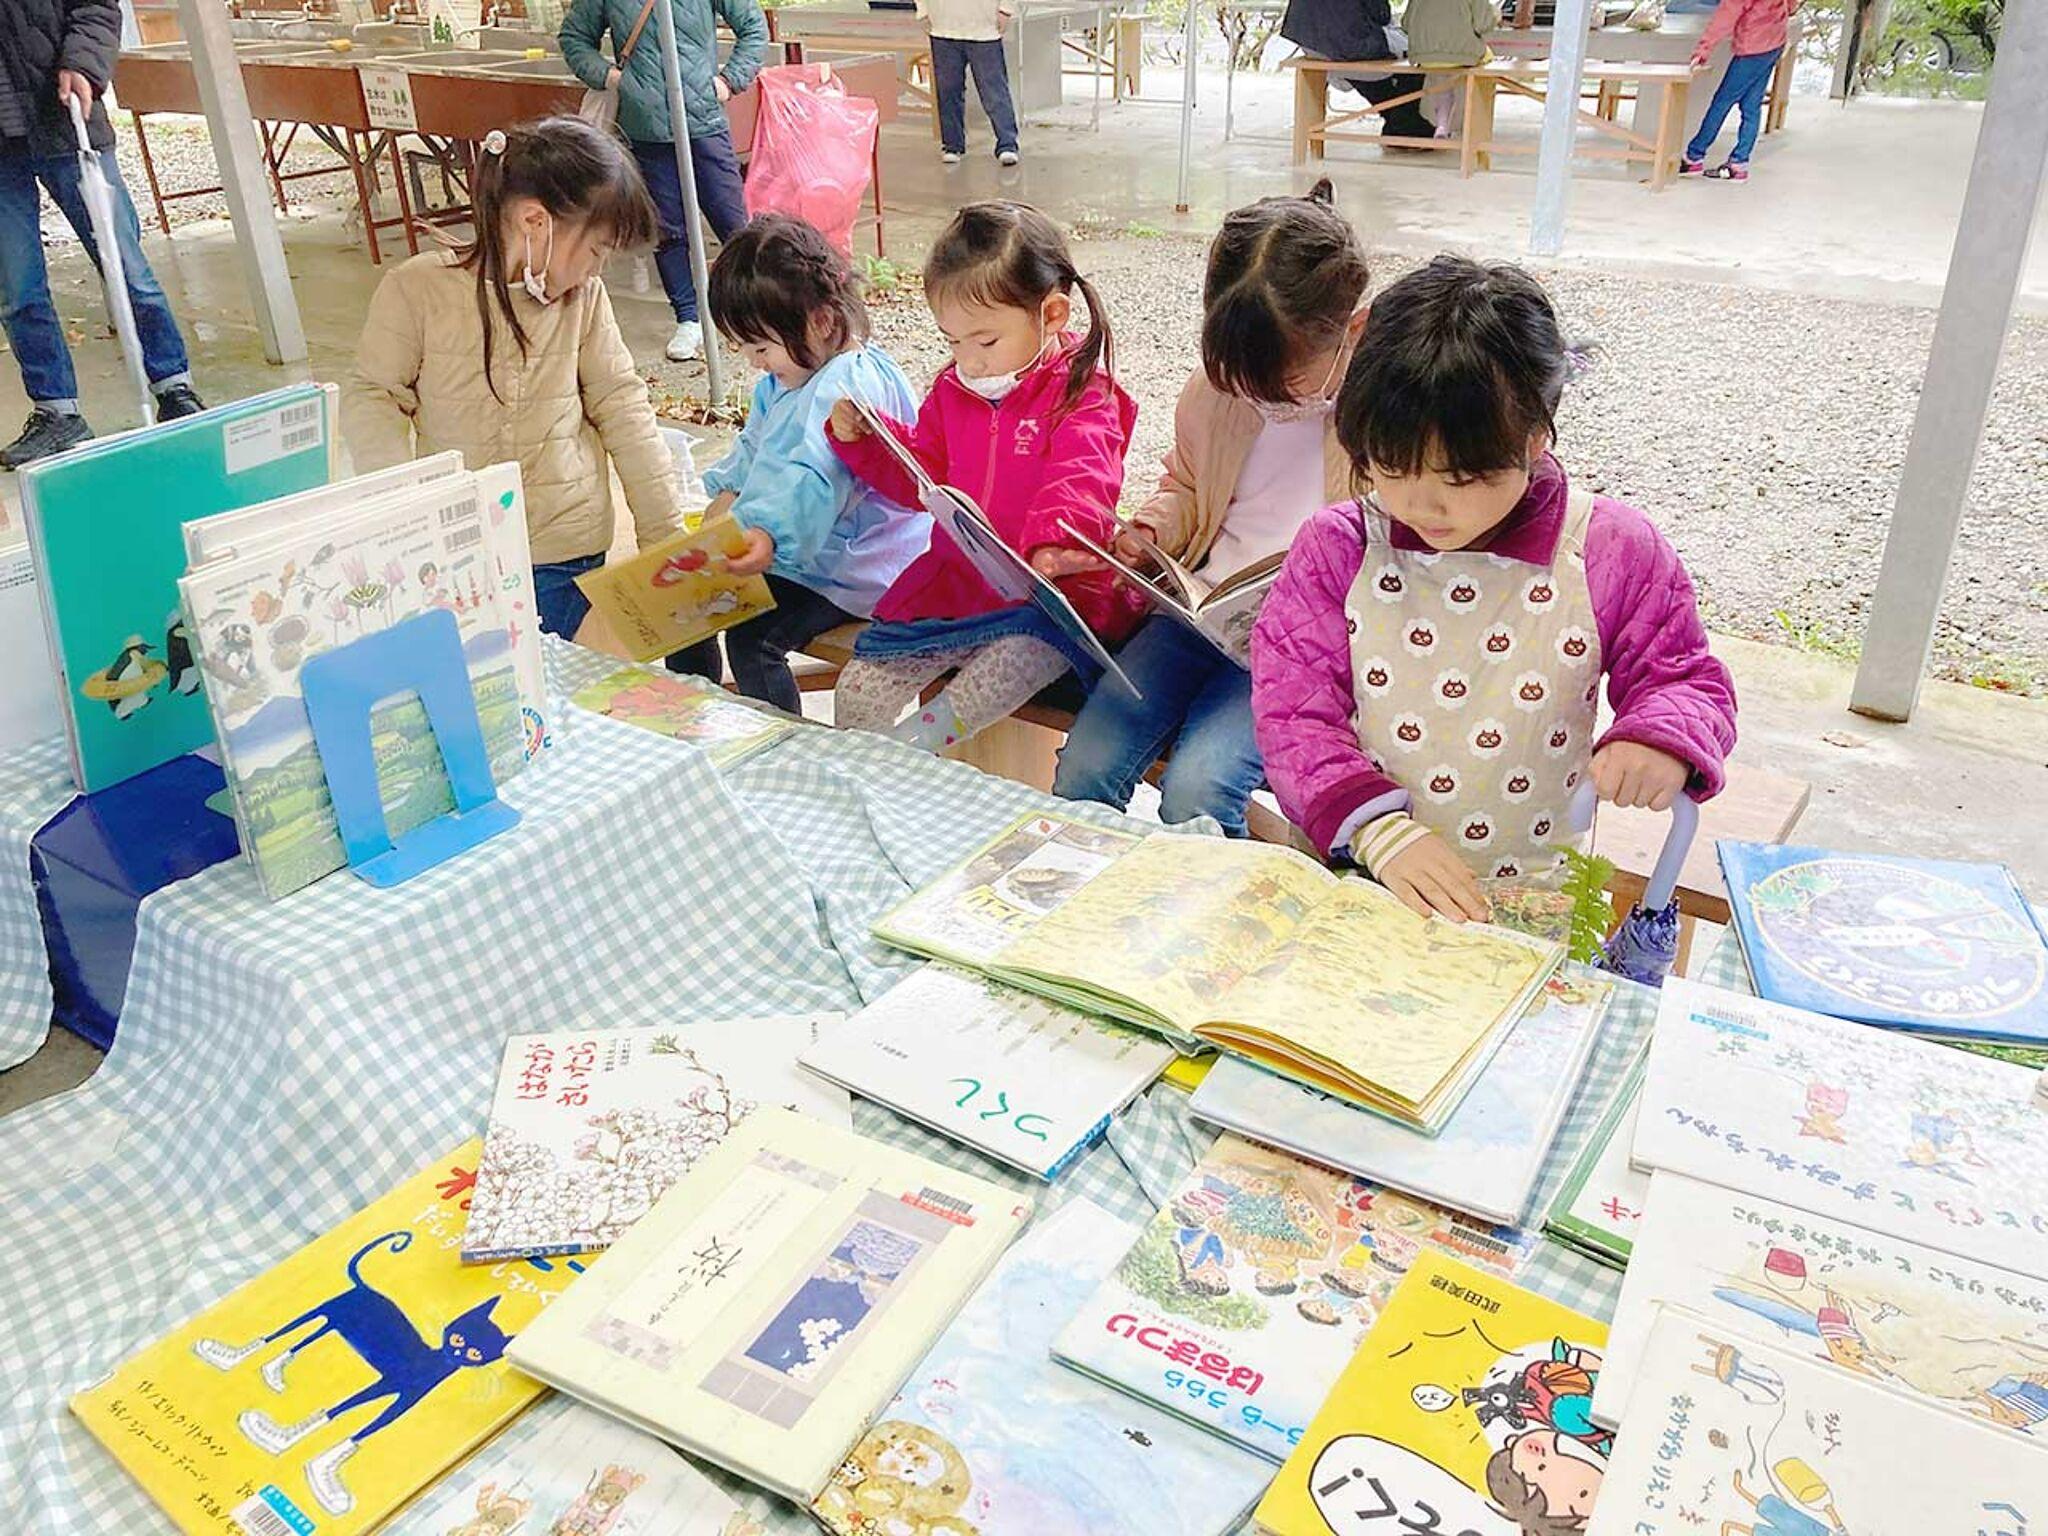 子どもたちが絵本を読んでいるところの画像